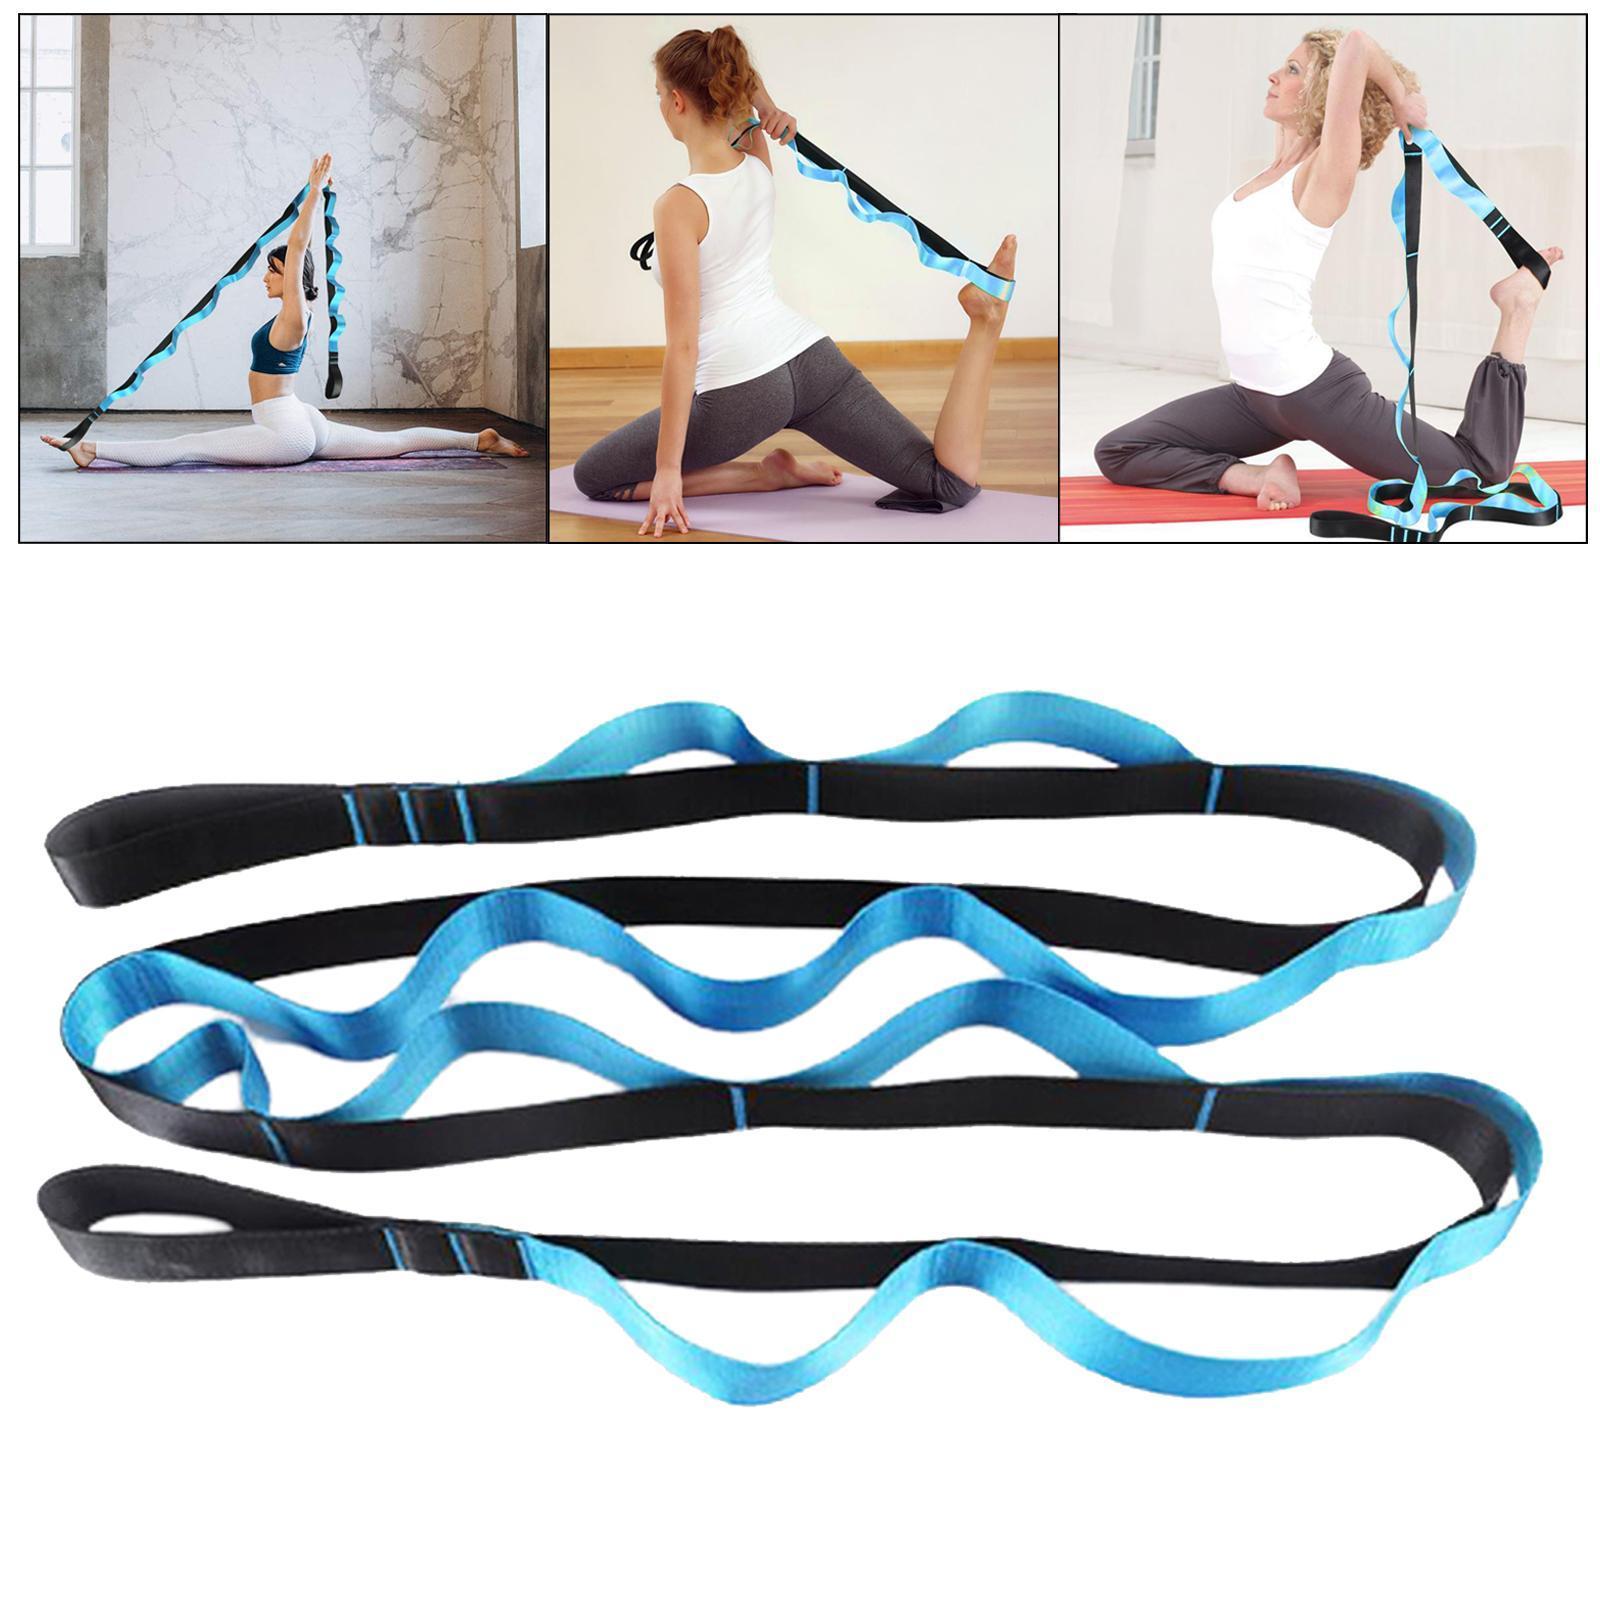 miniatura 12 - Pierna camilla yoga Stretch Strap Latin Dance Gymnastic pull cinturón flexibilidad